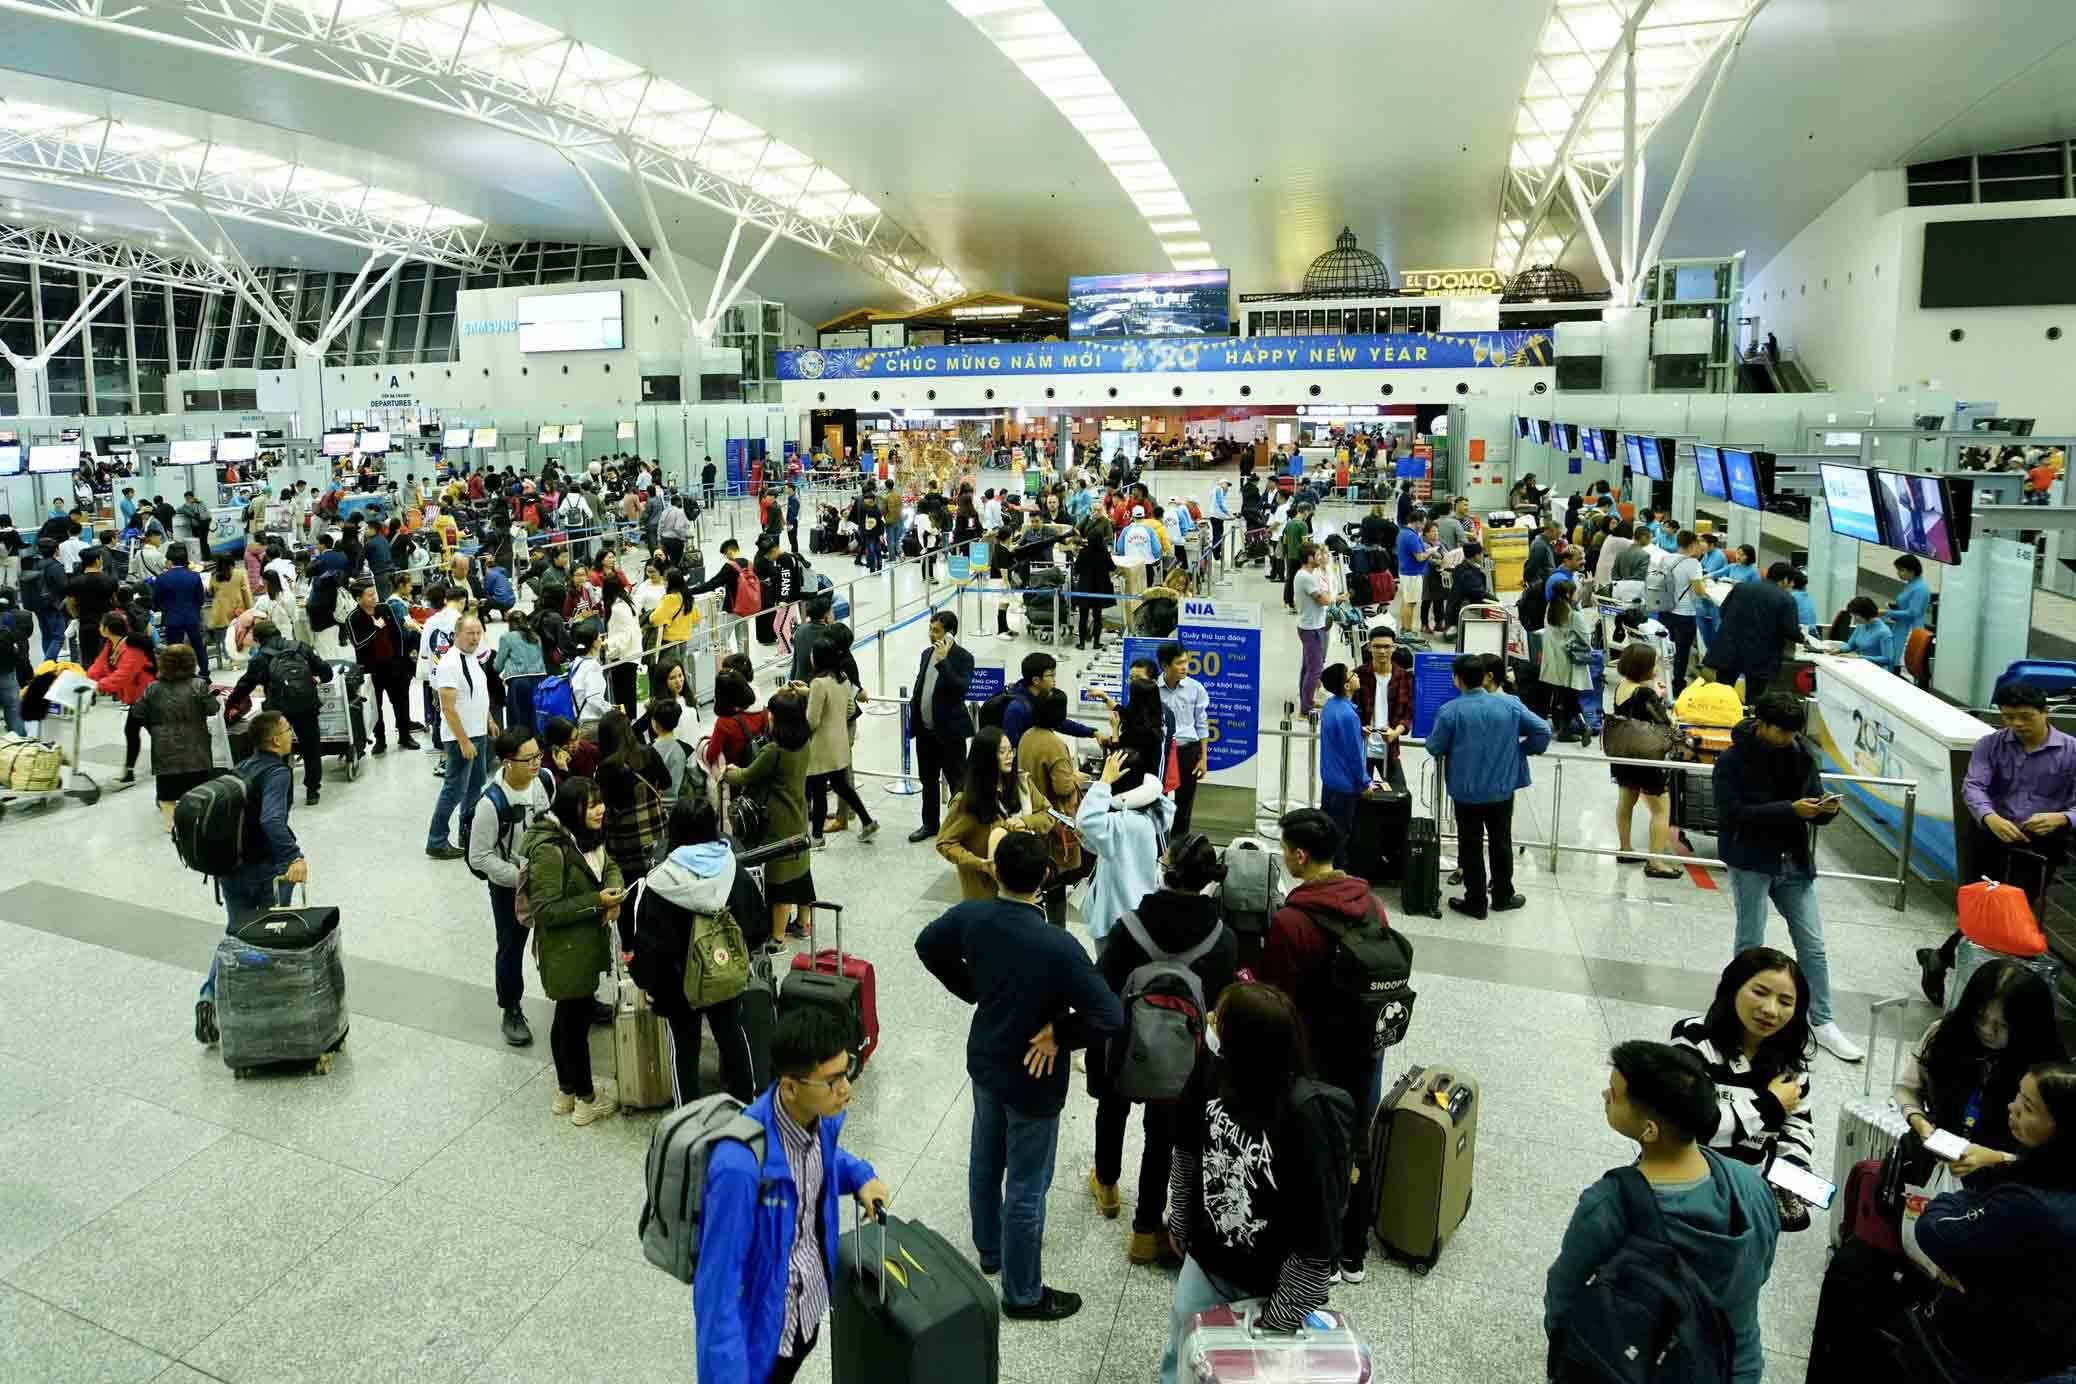 Hành khách phải đến Nội Bài trước 3 tiếng để không bị nhỡ chuyến bay